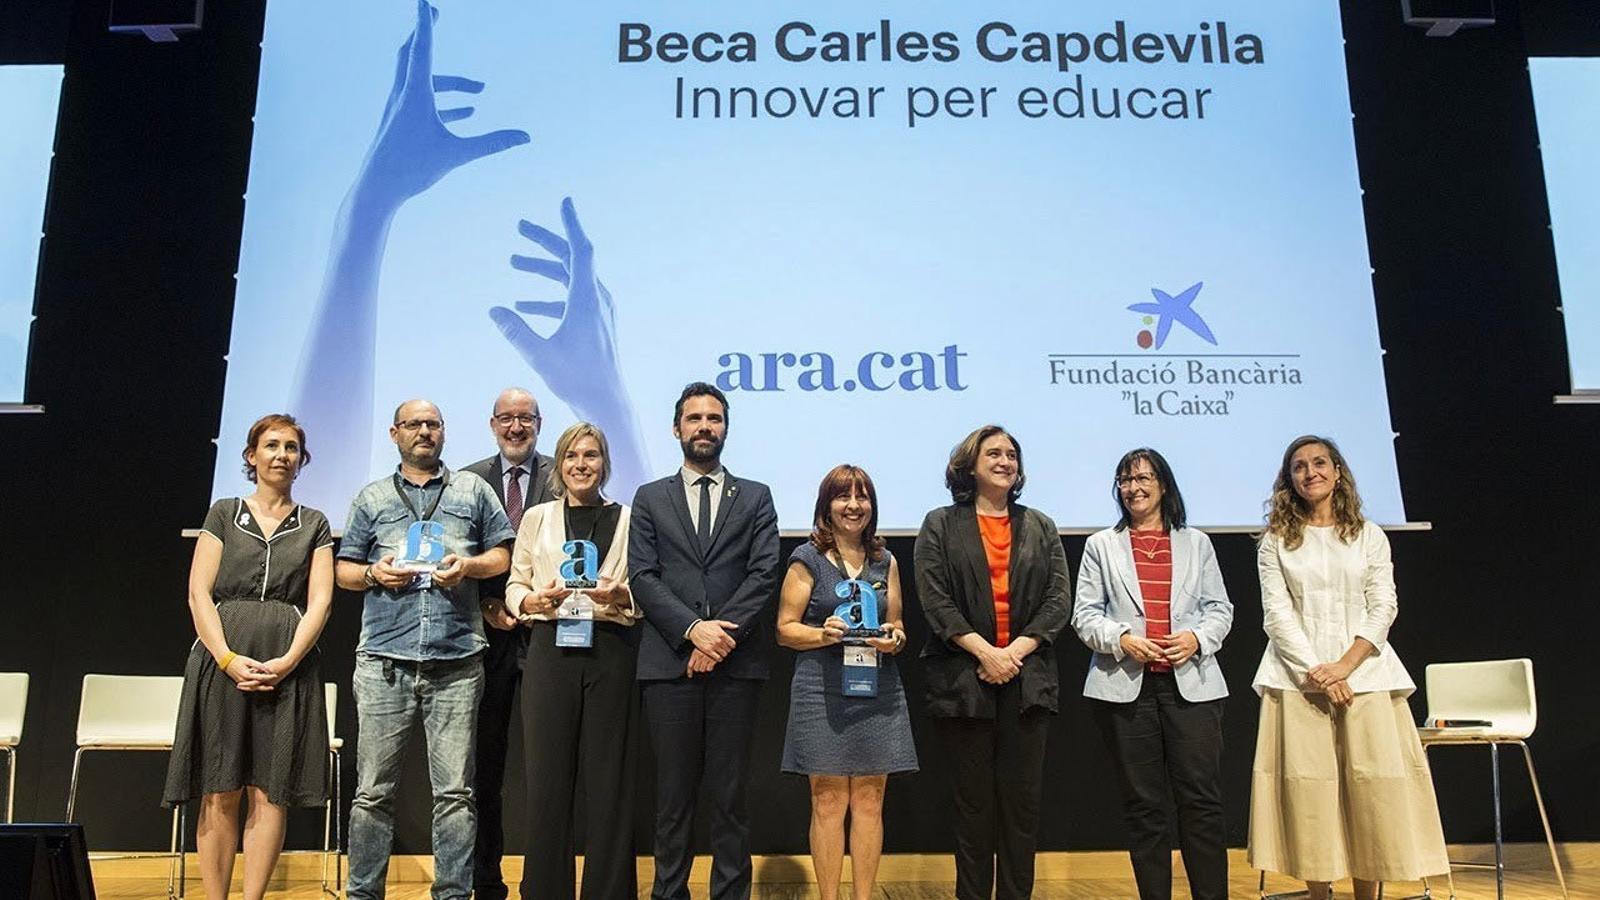 L'Escola La Maquinista de Barcelona guanya la primera beca Carles Capdevila